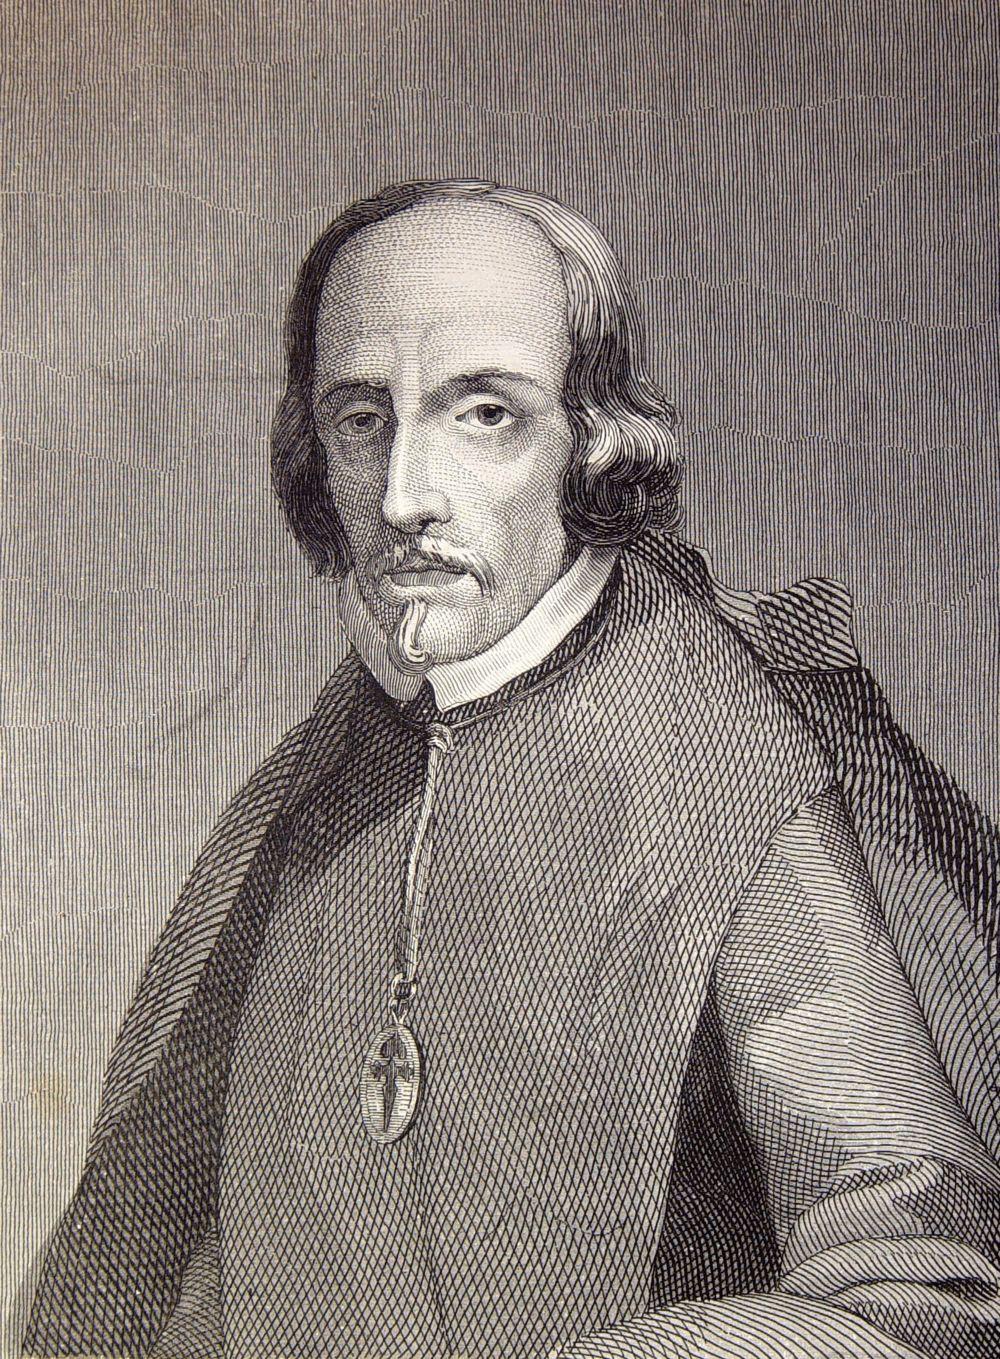 Pedro Calderón Riaño